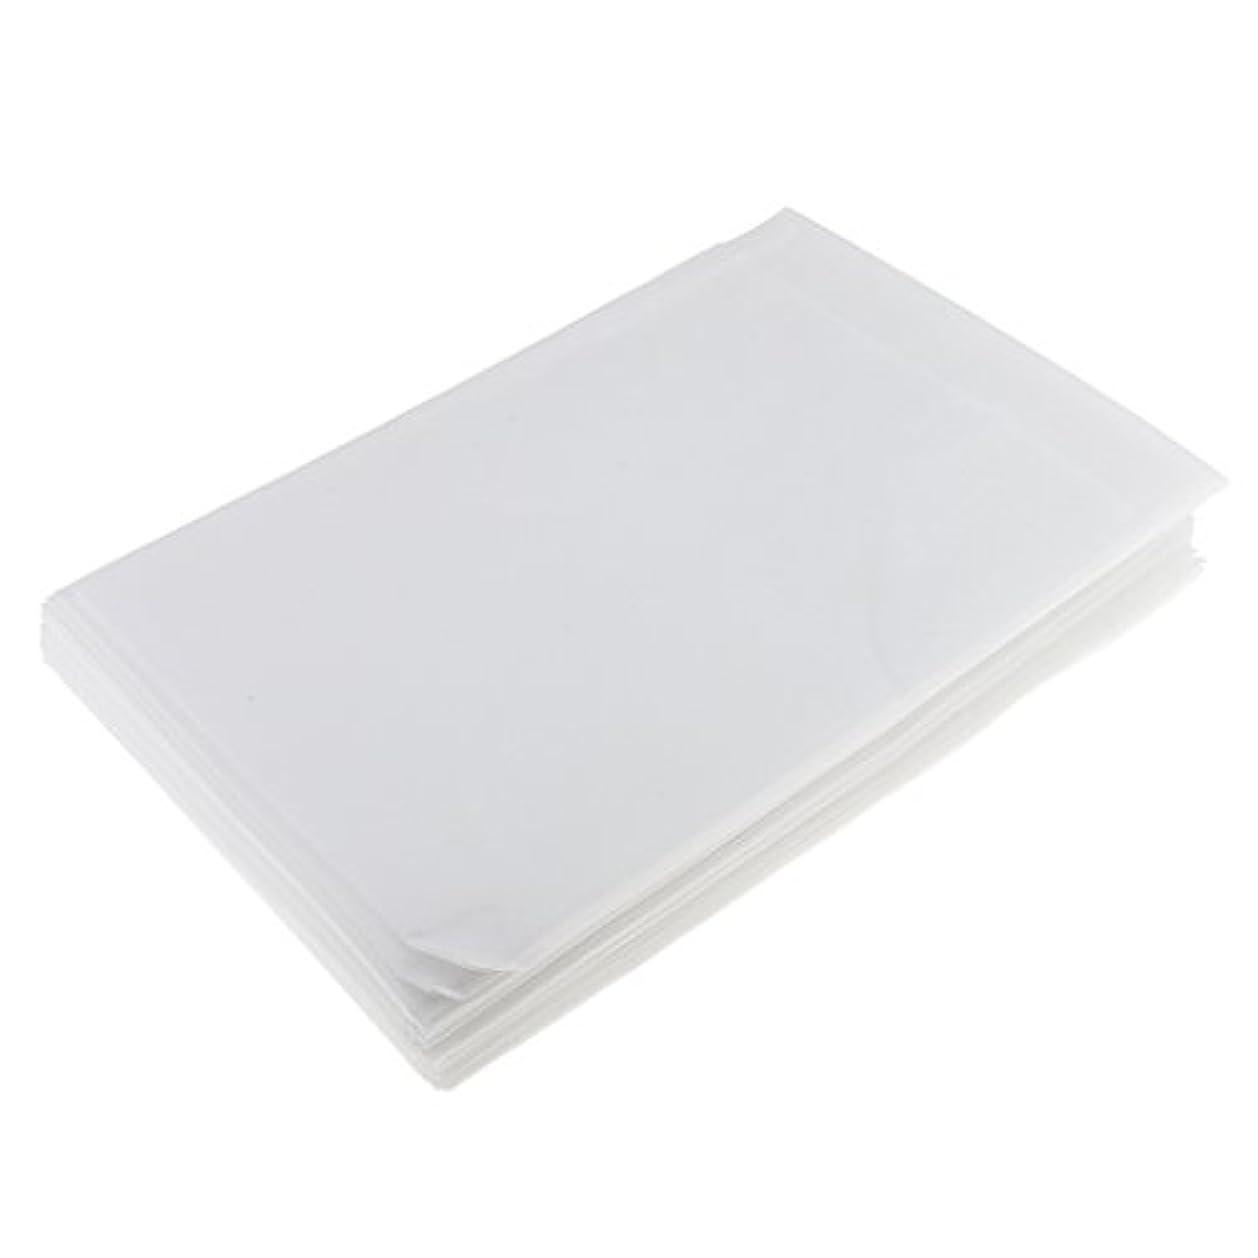 ディレクトリ種類いらいらさせるSONONIA 使い捨て 美容室/マッサージ/サロン/ホテル ベッドパッド 無織PP 衛生シート 10枚 全3色選べ - 白